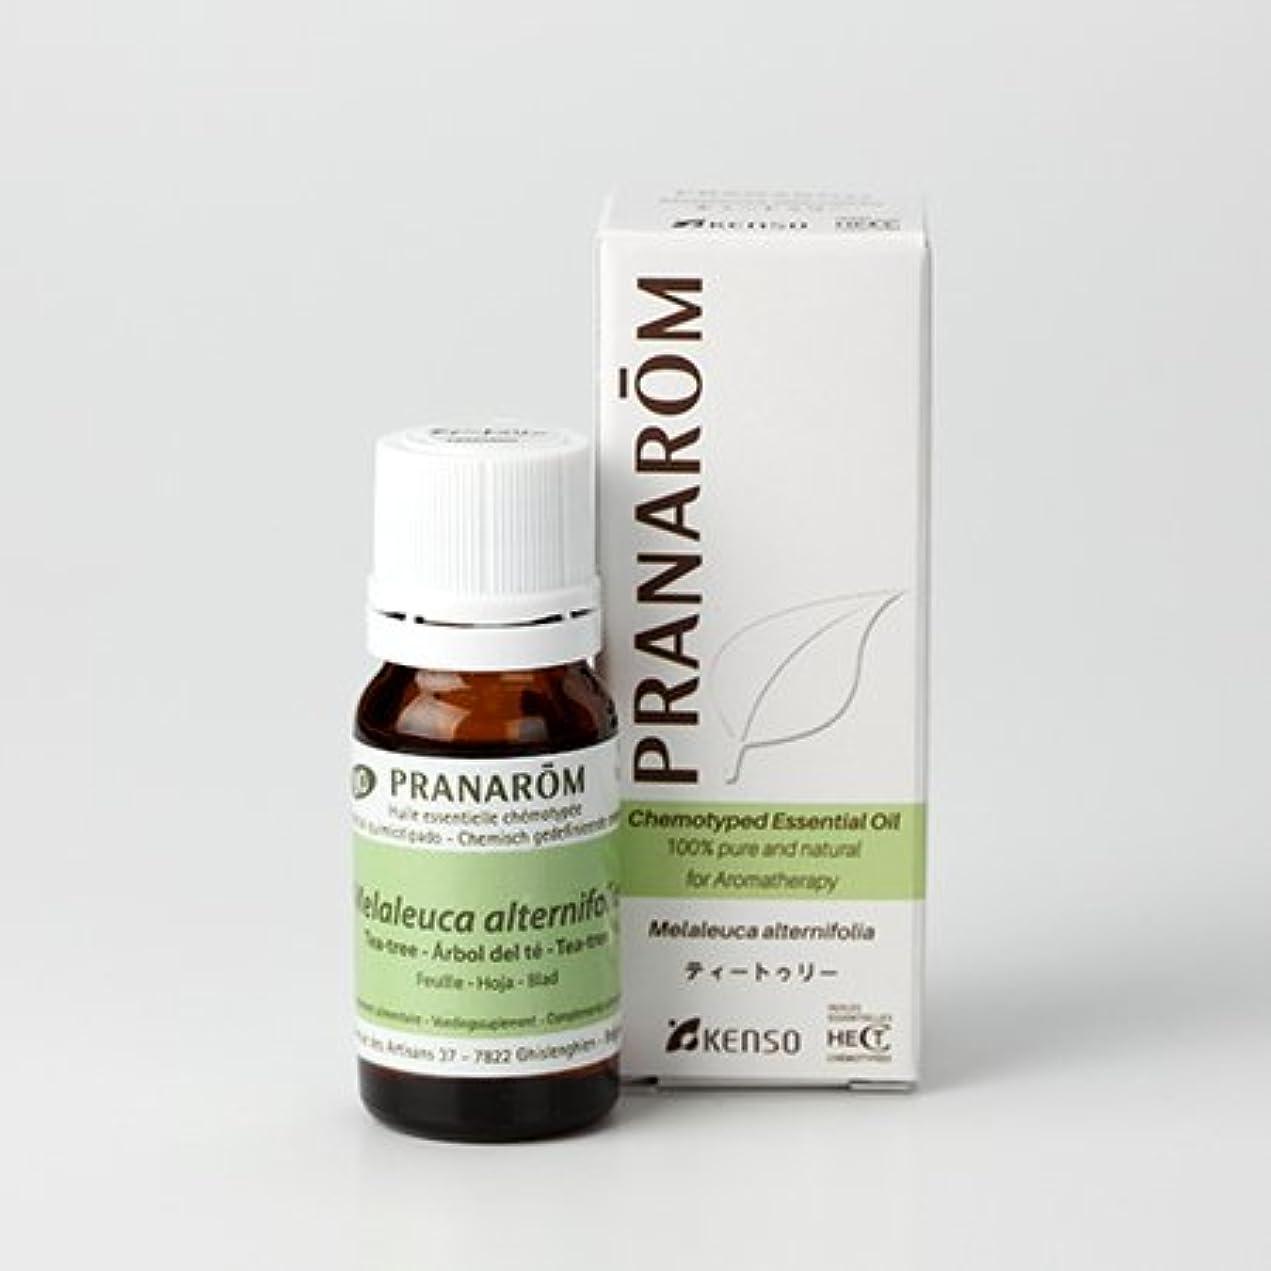 移植マーカー形容詞プラナロム精油(P-109 ティートゥリー?10ml)